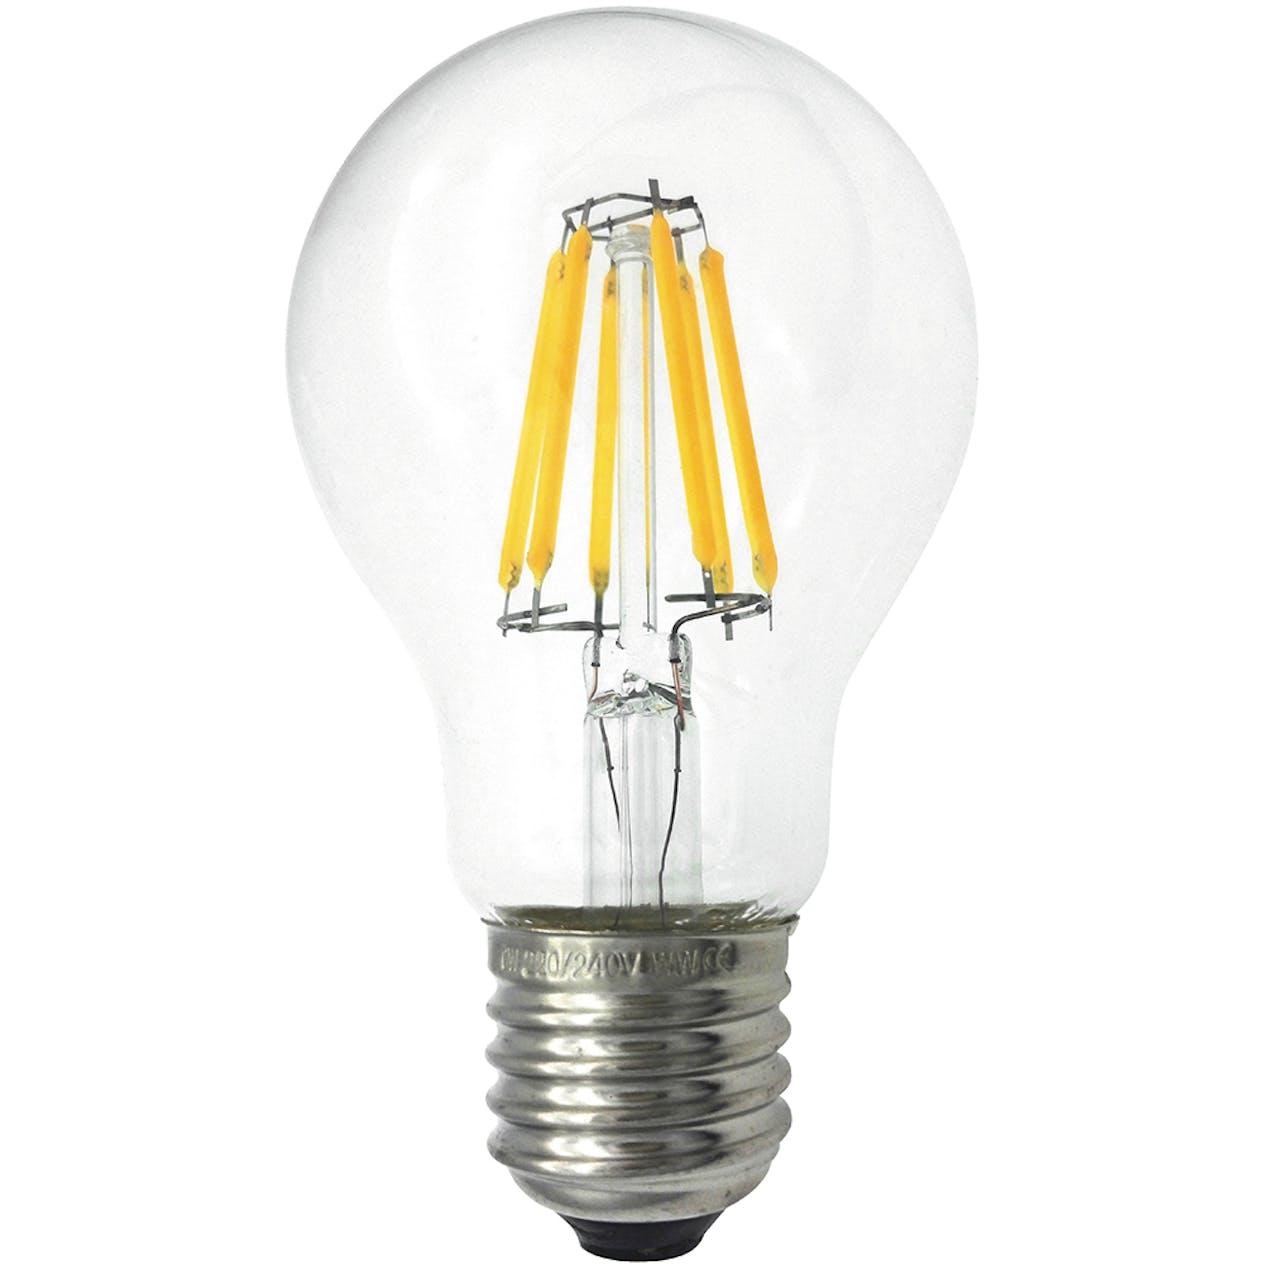 Omtyckta LED-Lampa Malmbergs Klar E27 till bra pris hos Badshop.se QH-79